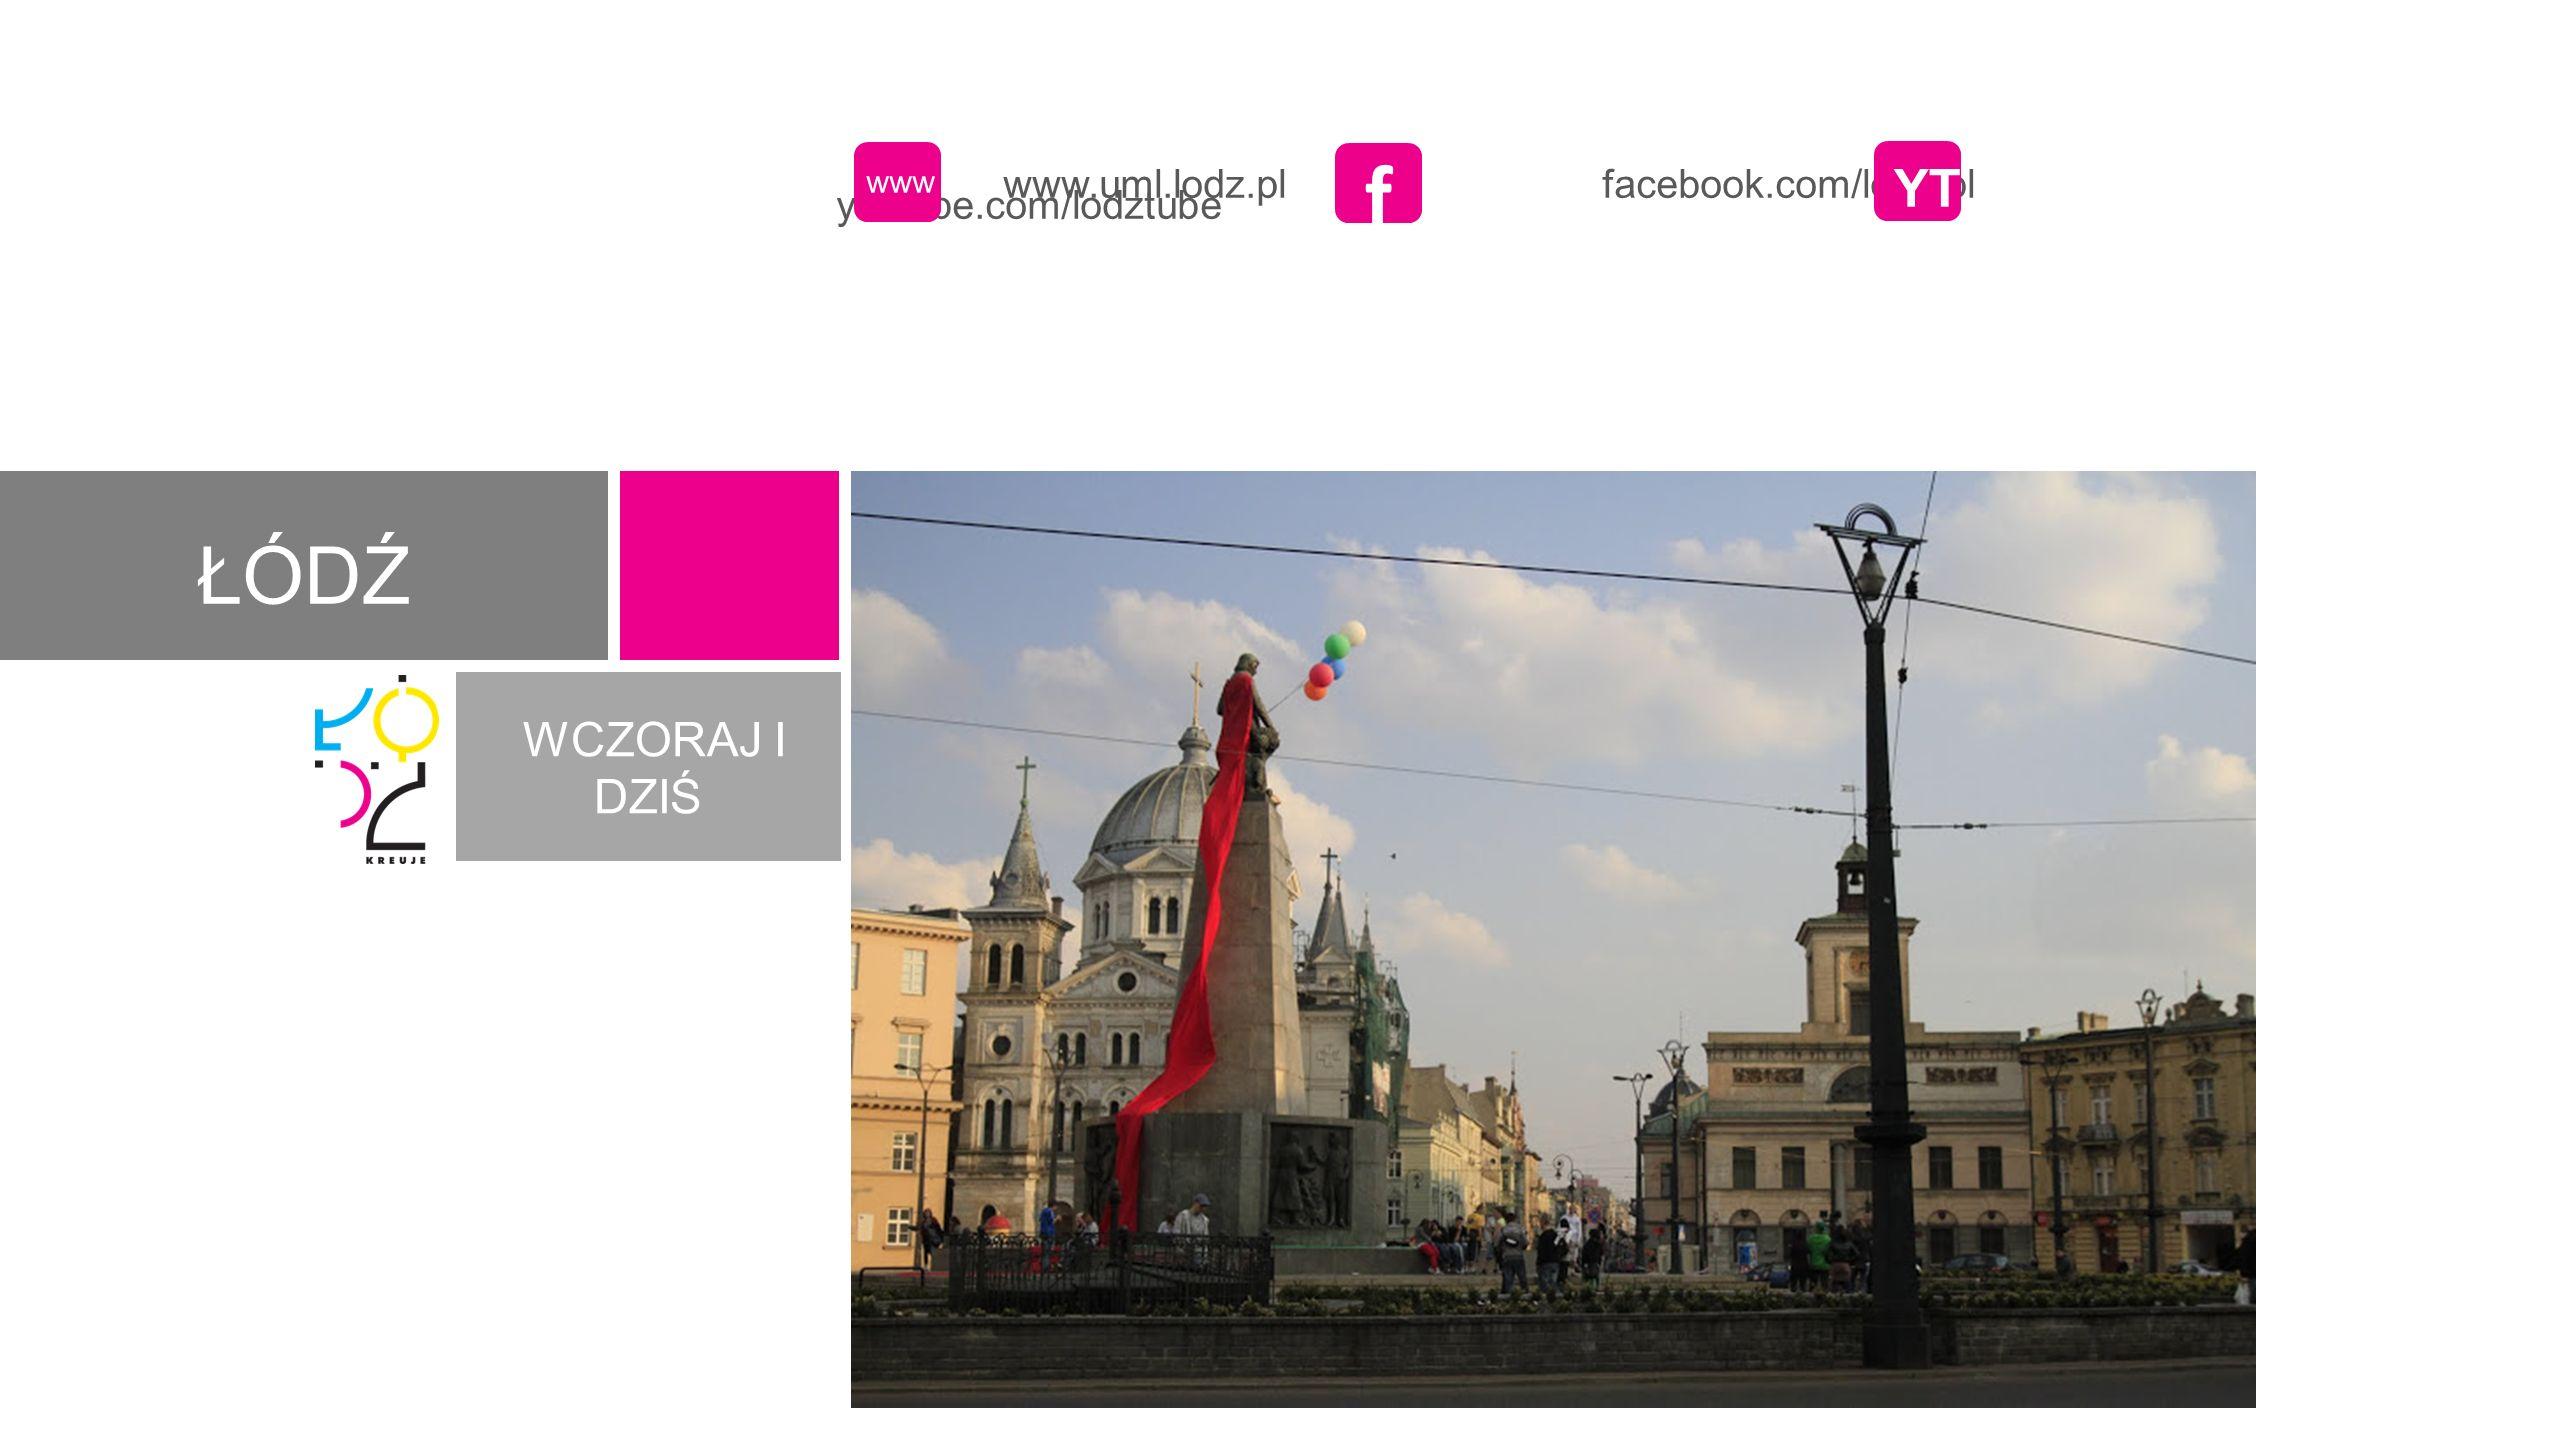 www.uml.lodz.pl facebook.com/lodz.pl youtube.com/lodztube